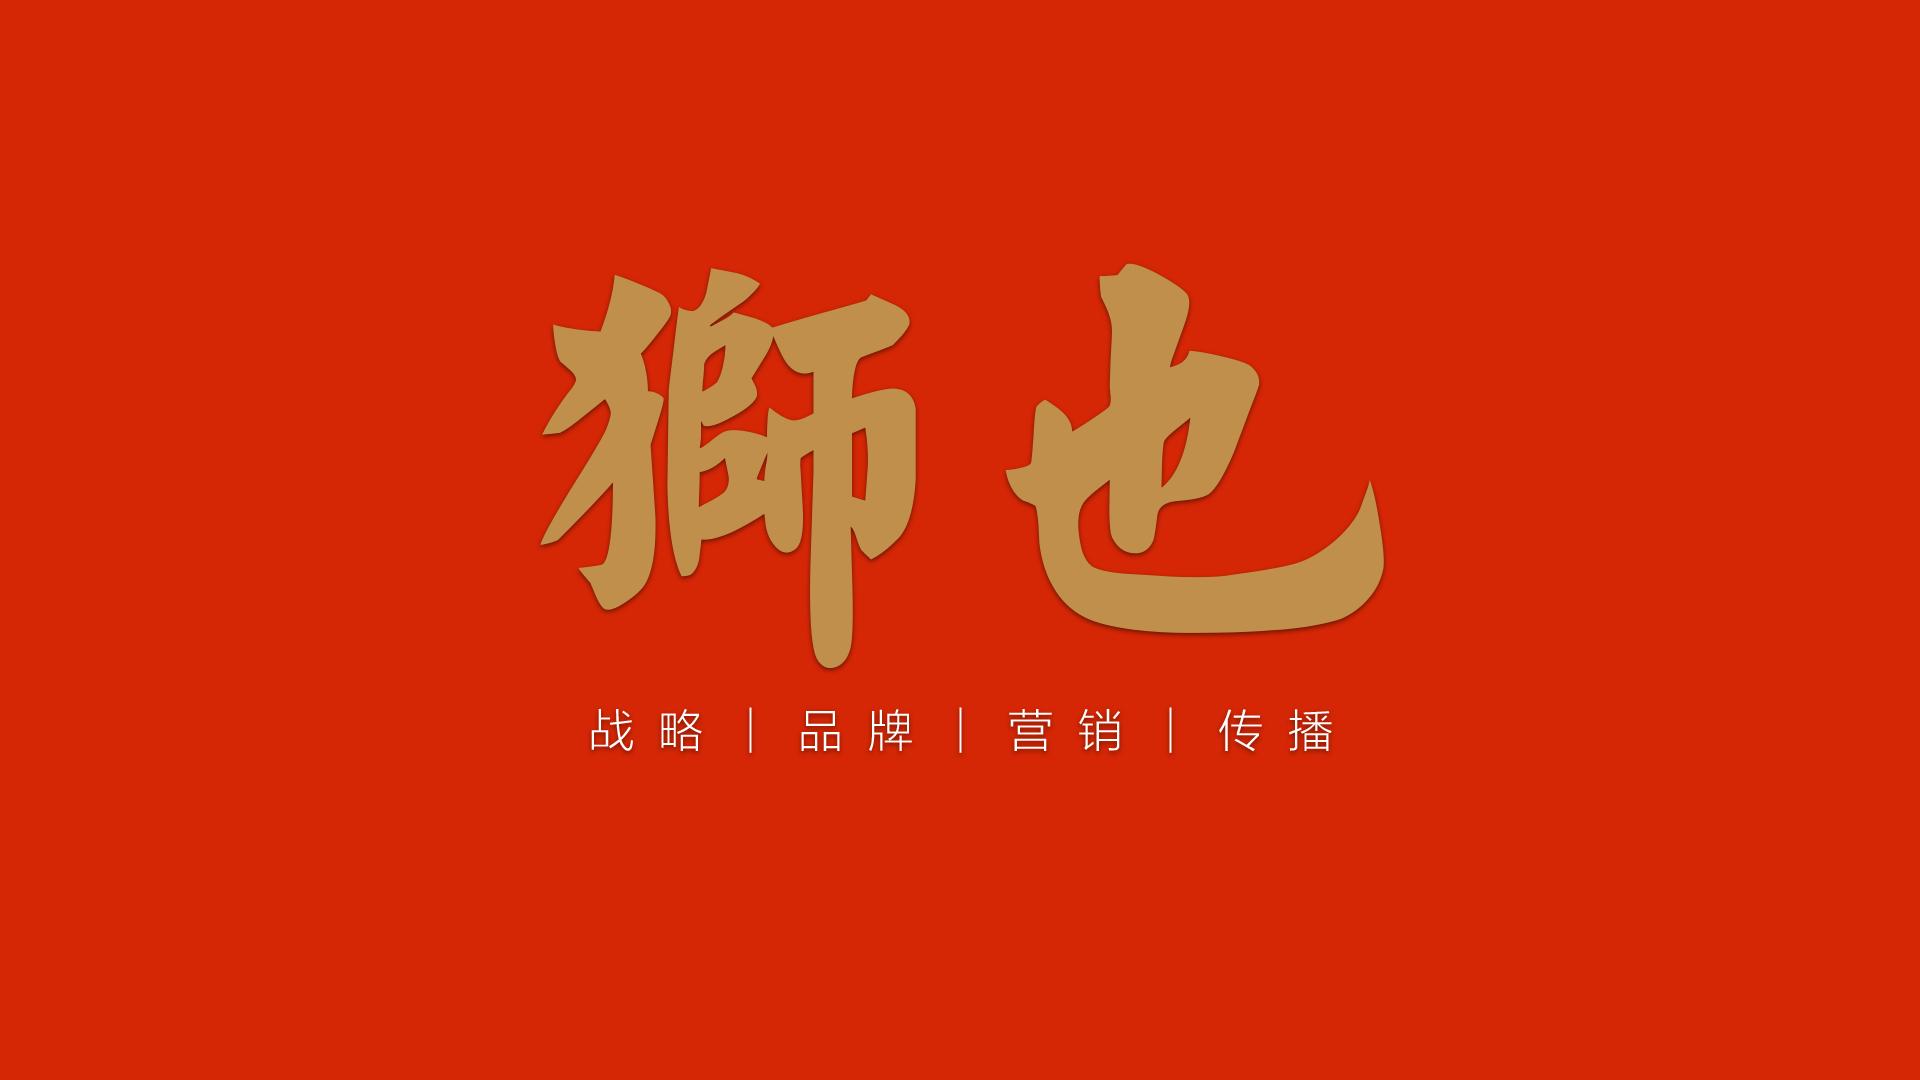 上海营销策划公司—江南皮革厂魔幻16年